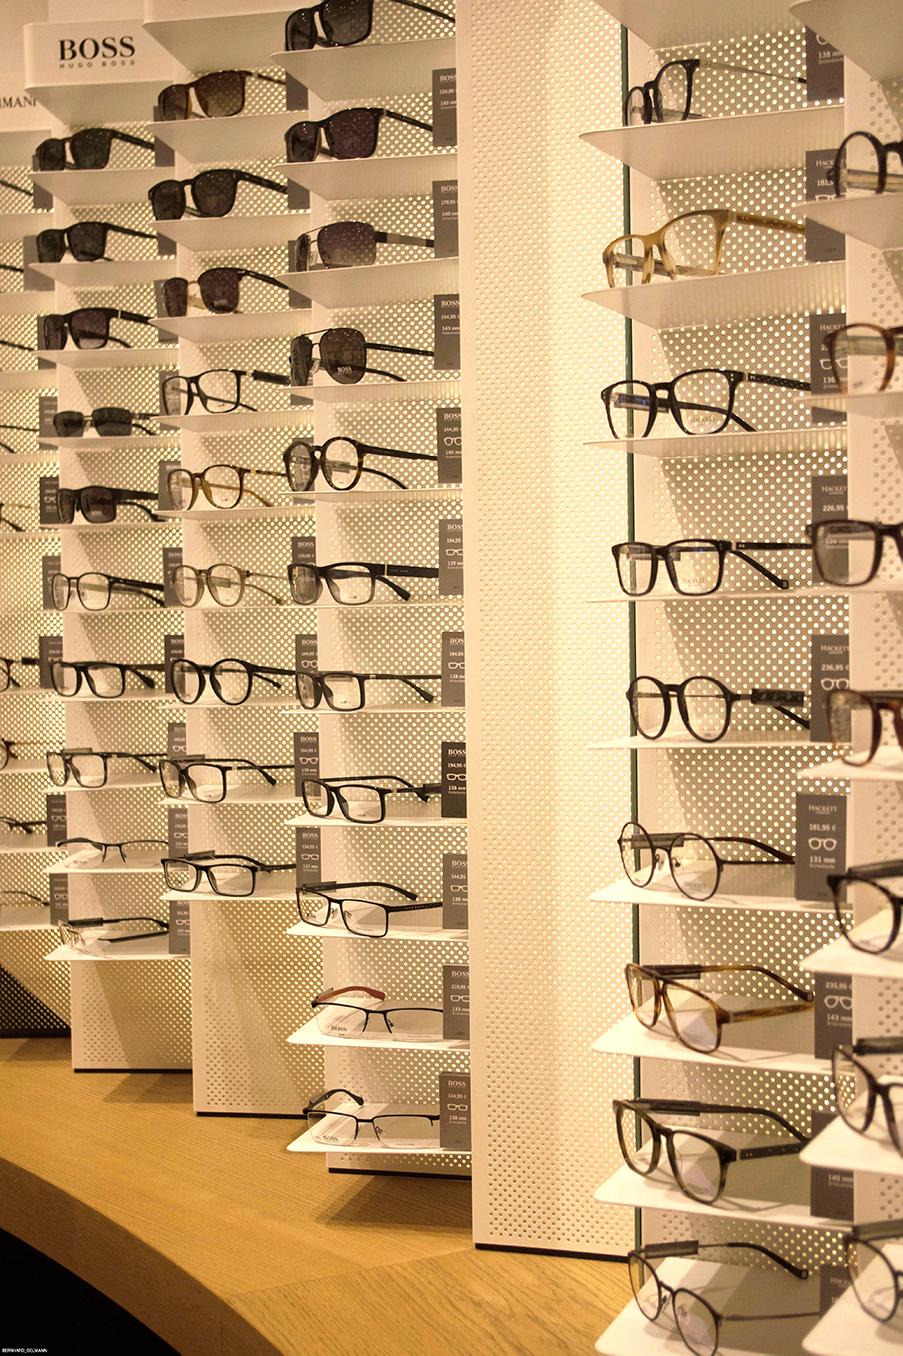 Just-take-a-look Berlin - Mister Spex - Bildschirmarbeitsplatzbrille-2.22